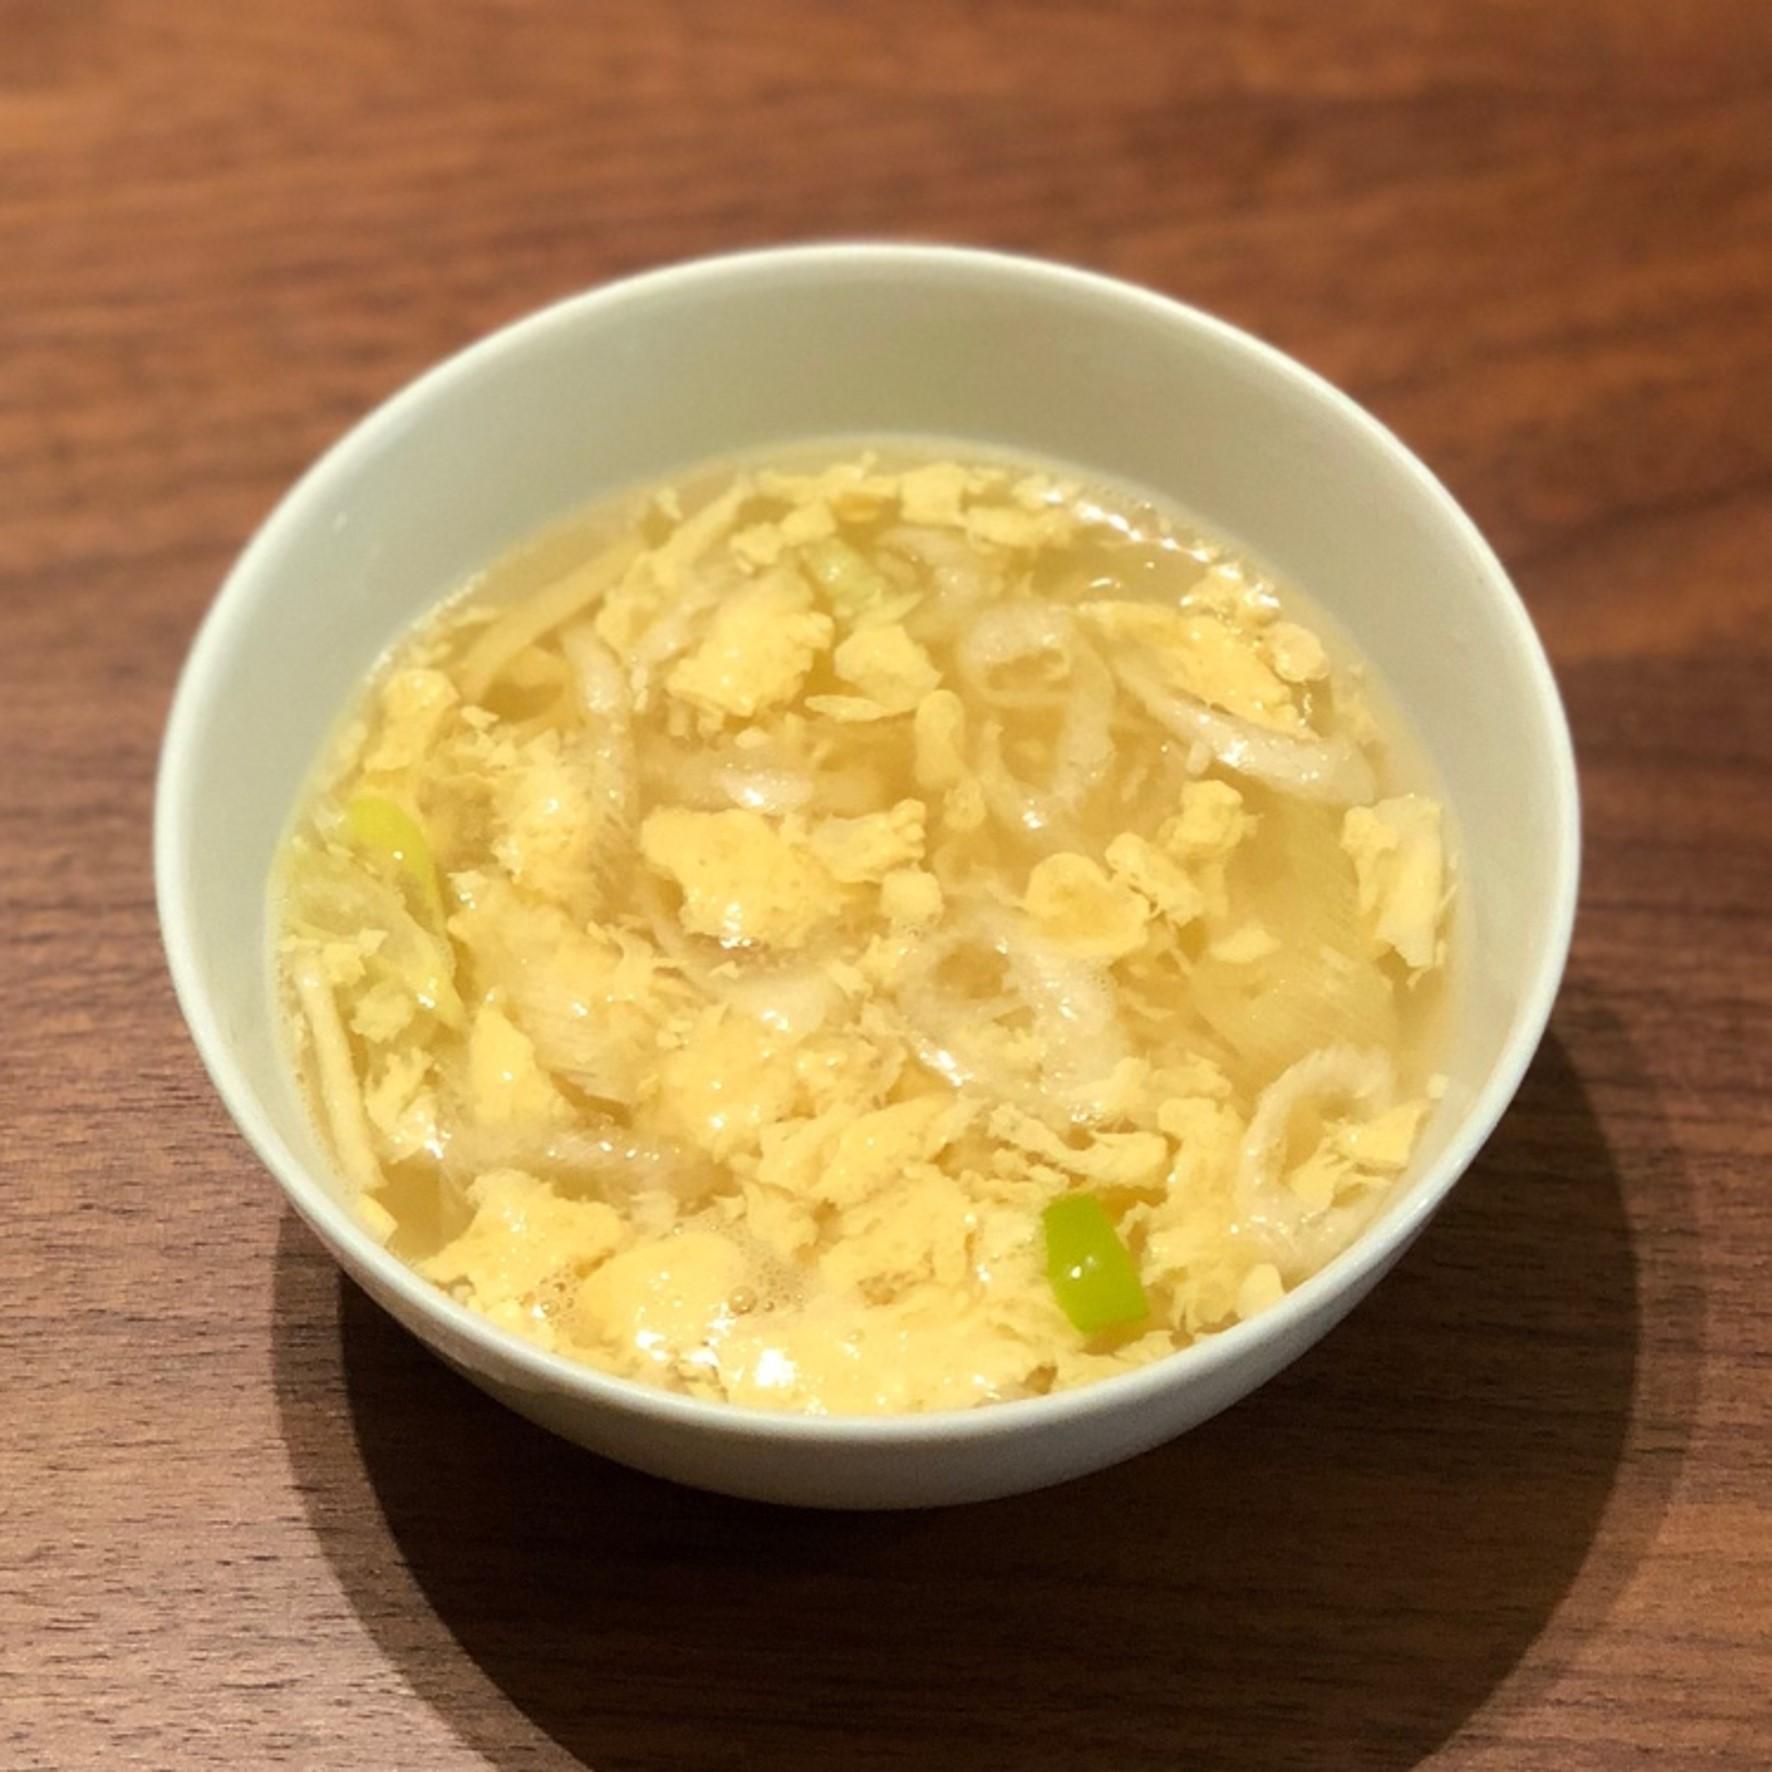 (おから研究会)-レシピ-「おからと卵のスープ」